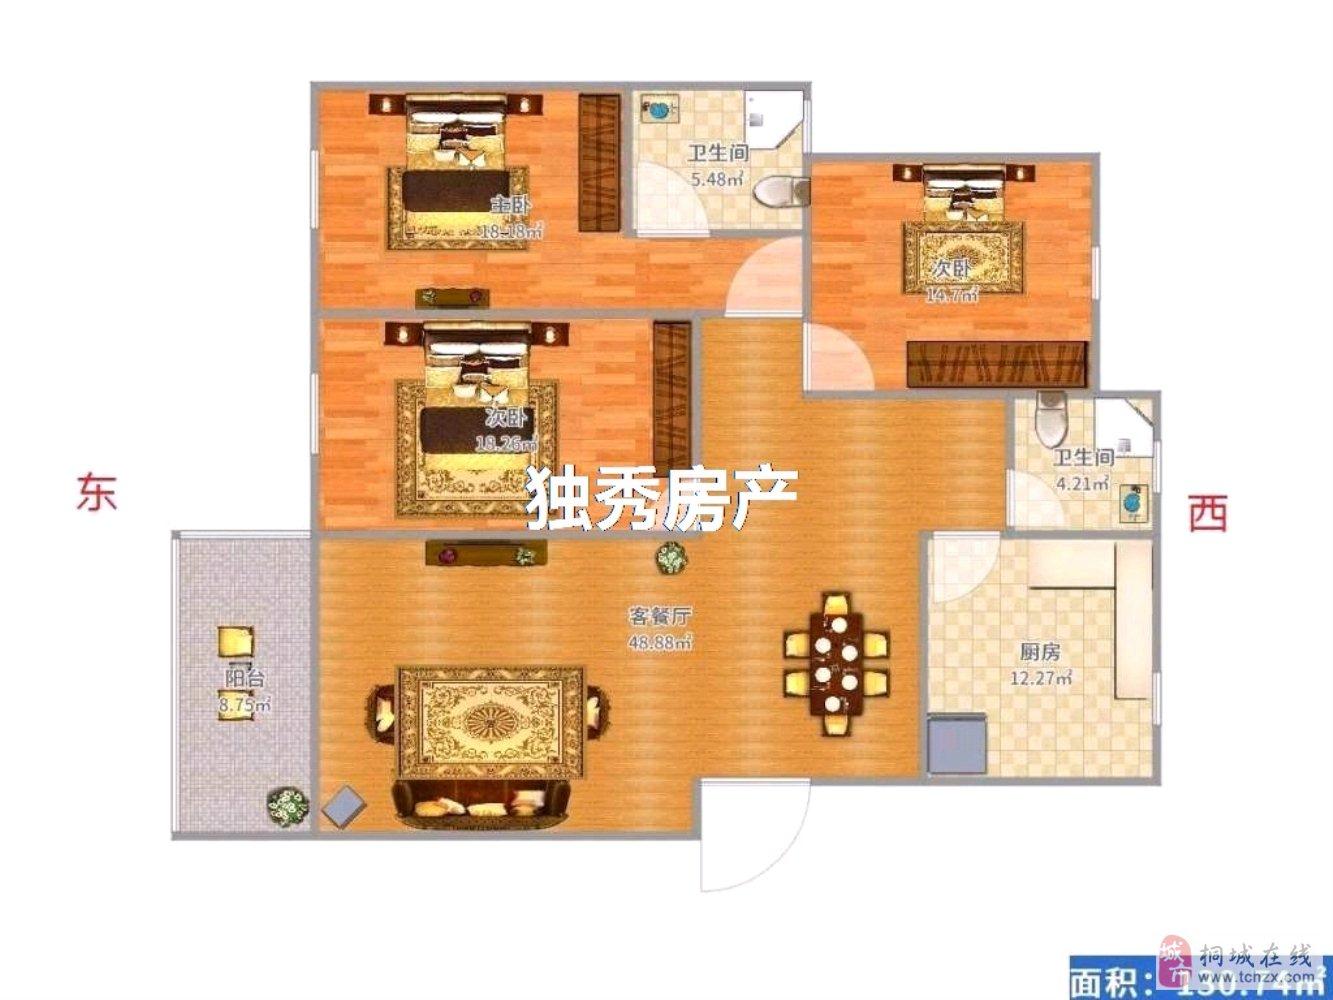 碧林湾3室2厅1卫67万元